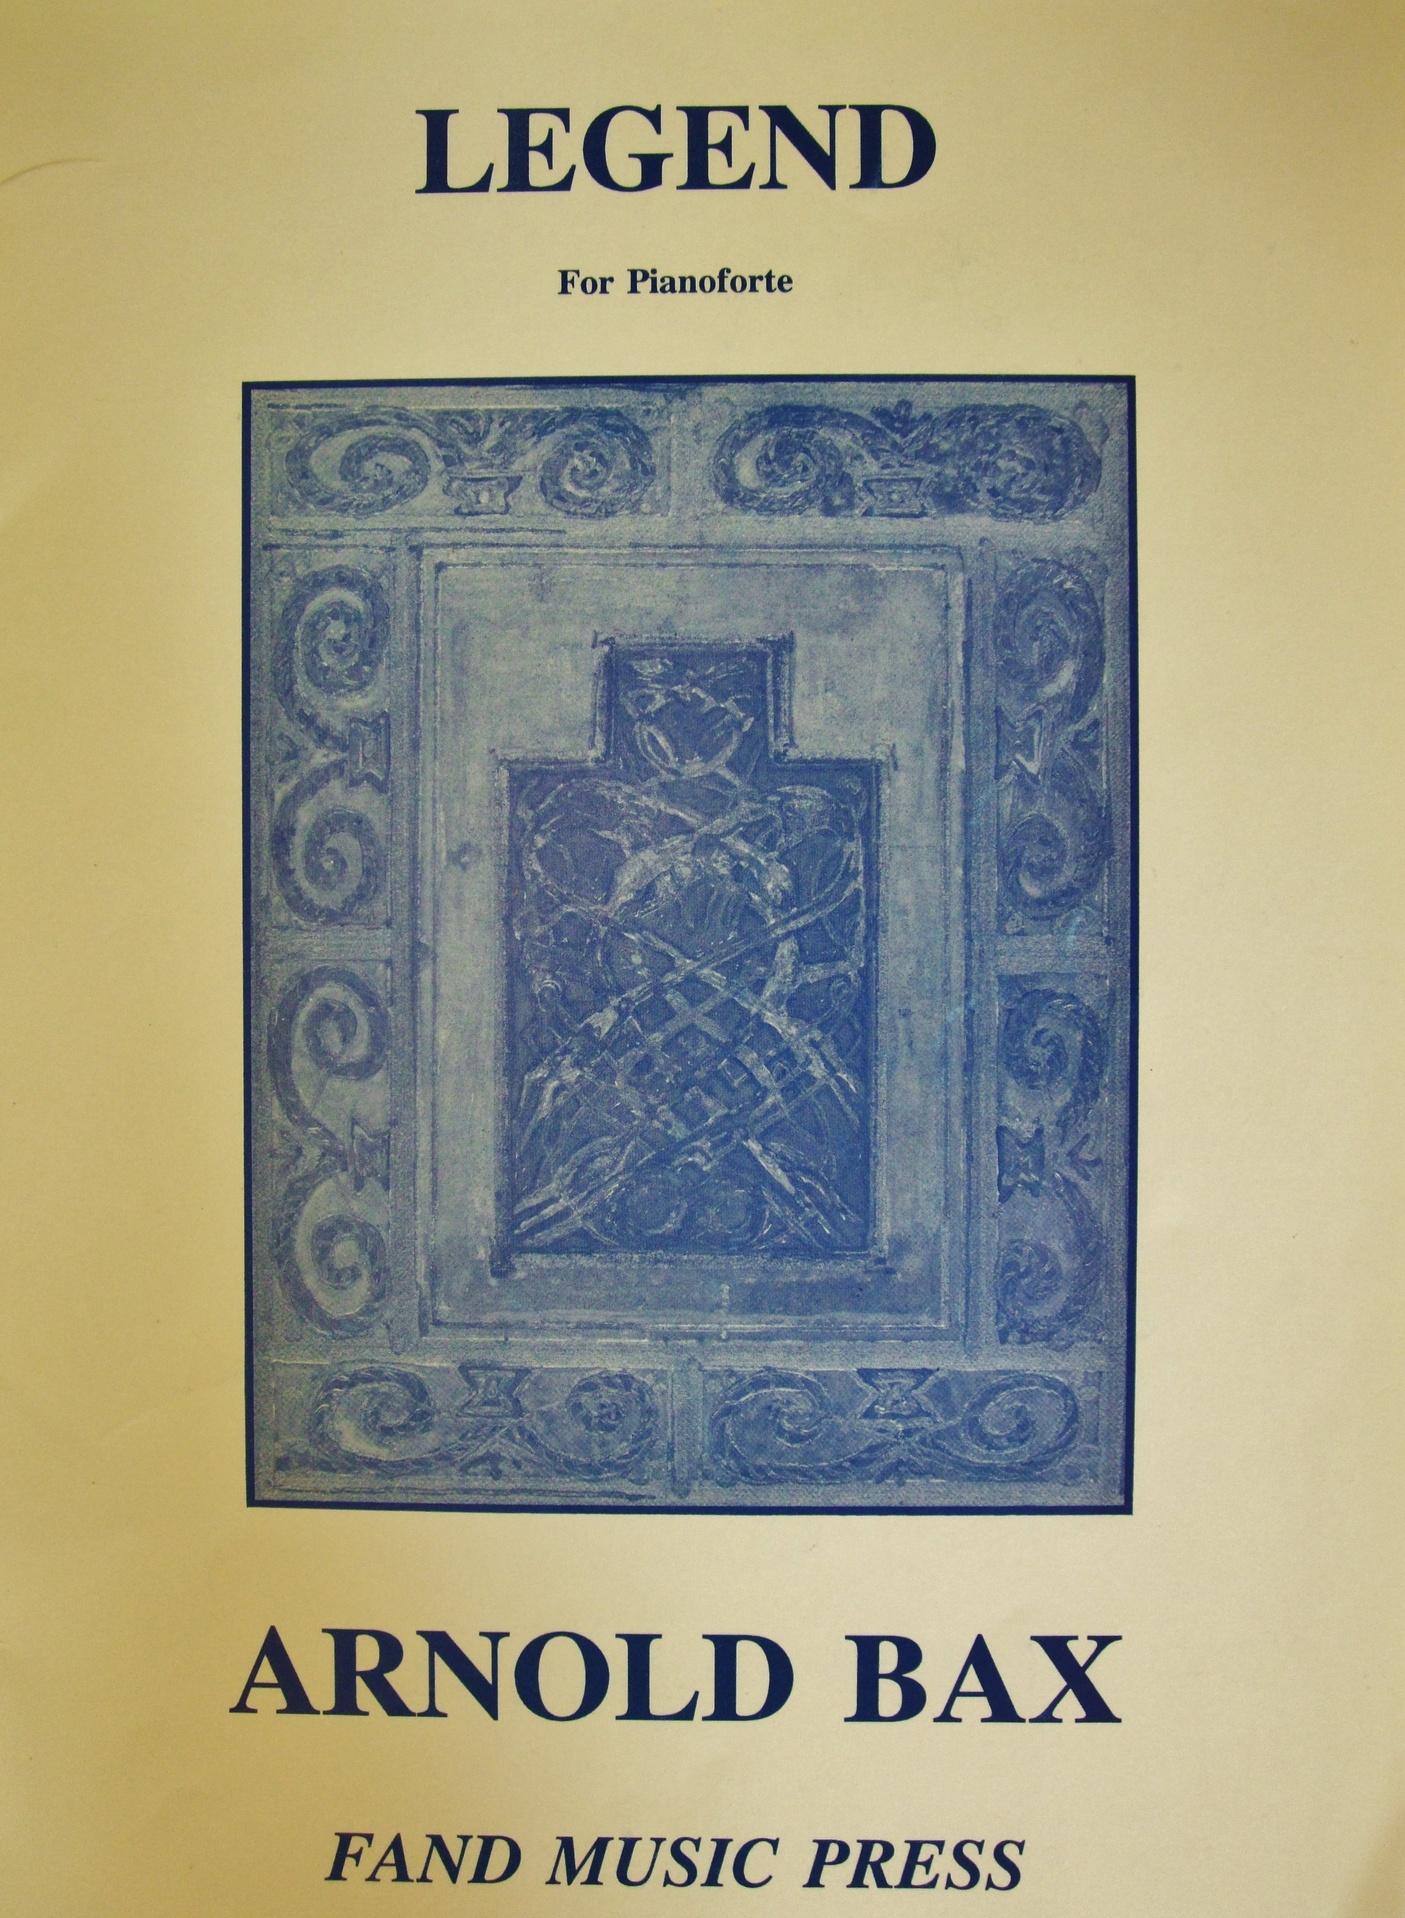 Sir Arnold Bax.  The Legend